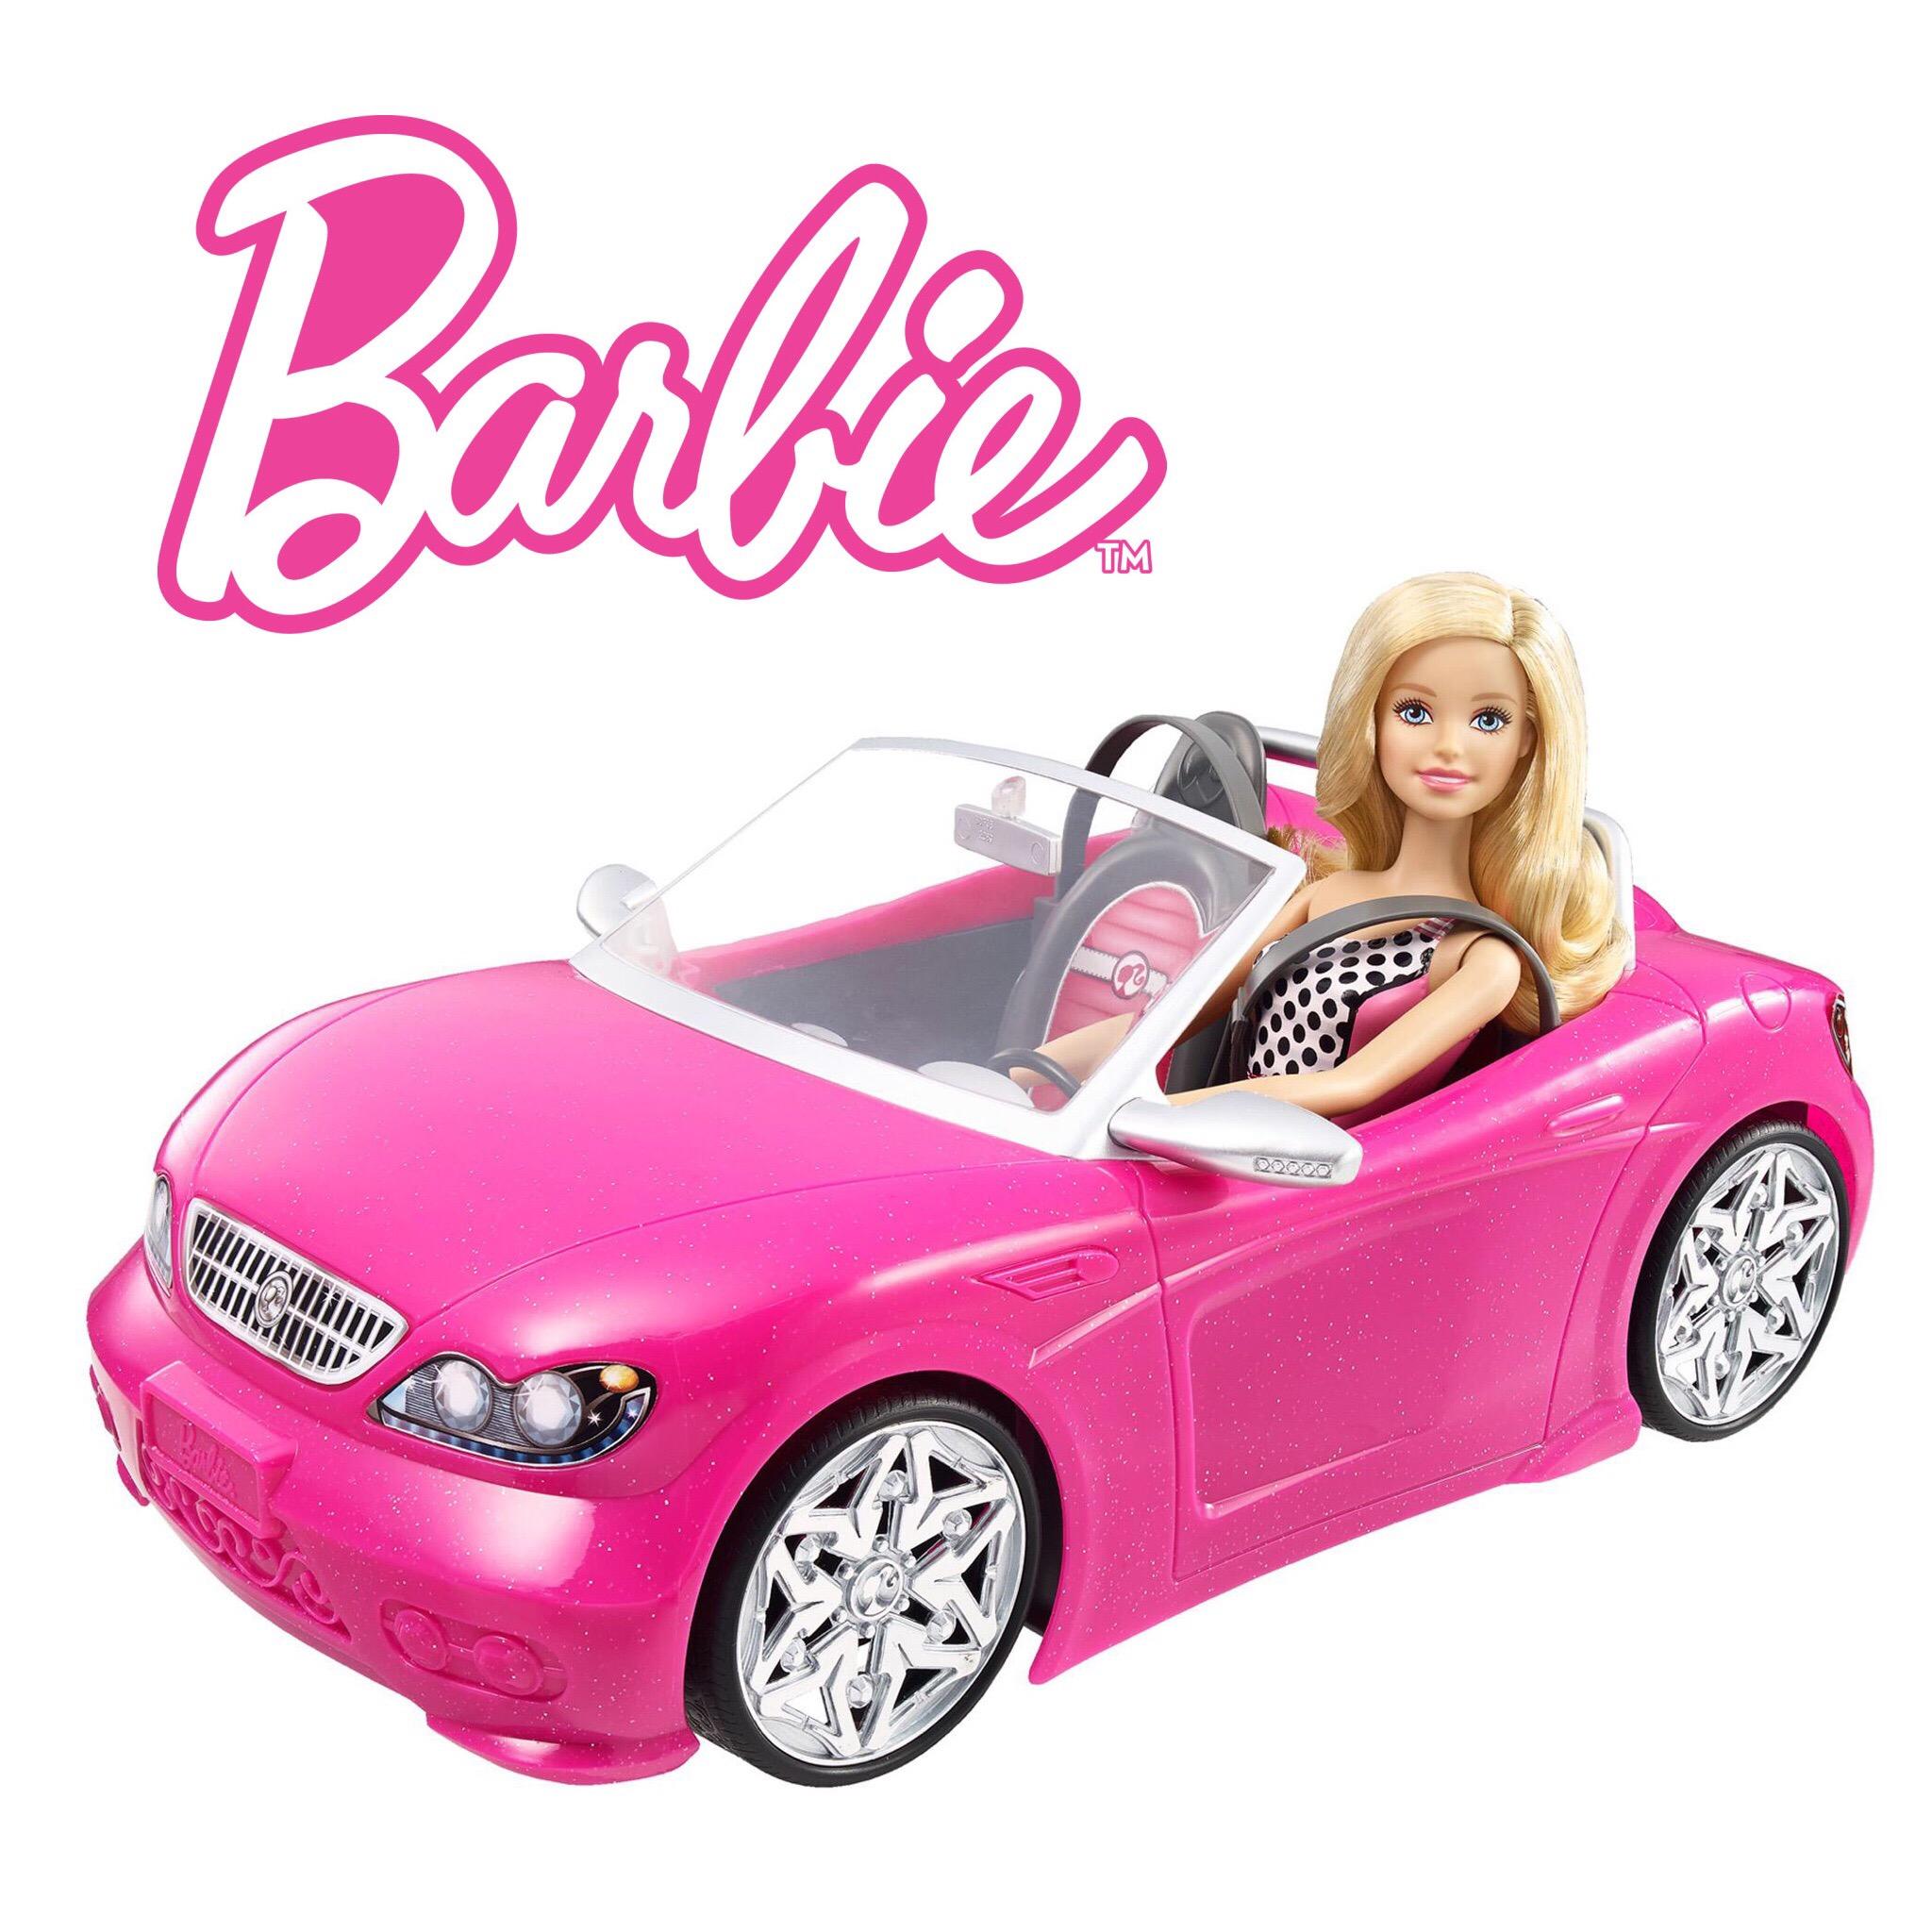 รถสปอร์ตสำหรับสาวสวยบาร์บี้ Barbie Glam Convertible